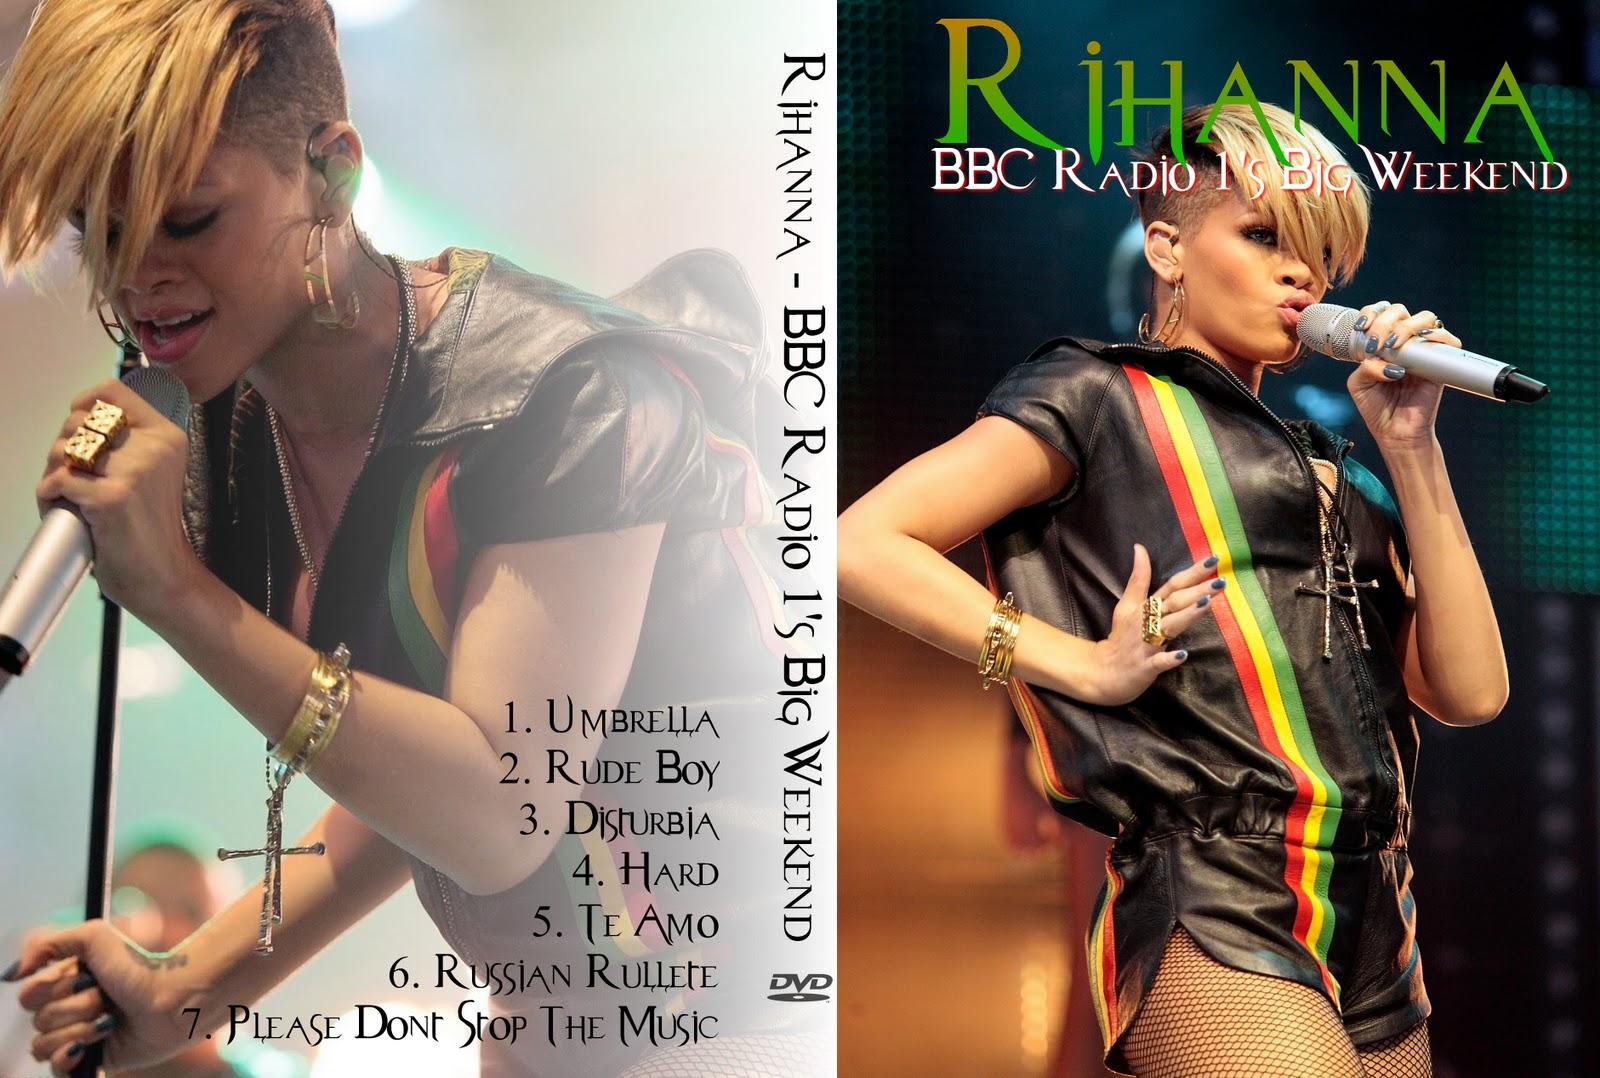 http://3.bp.blogspot.com/-rI8JQypO8B0/TZHQS6qEvvI/AAAAAAAAAR8/VbgzO15DHvM/s1600/Rihanna+BBC+Radio.jpg